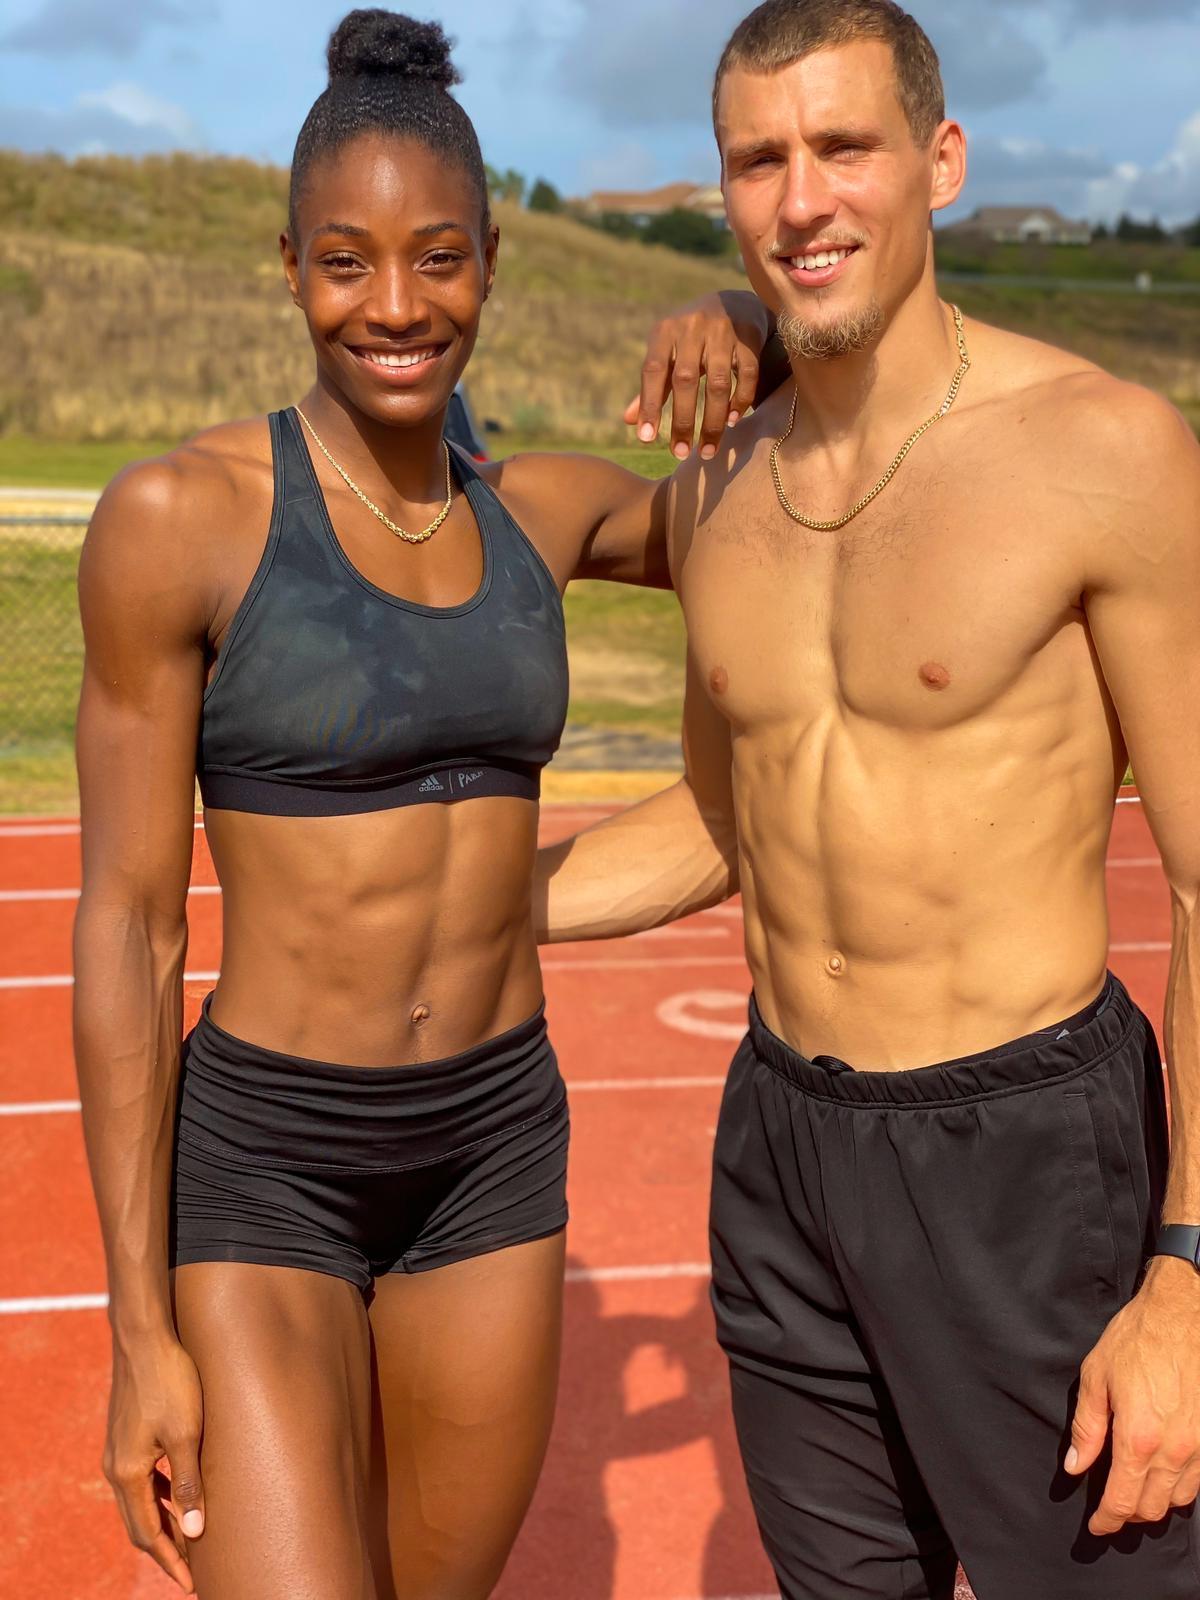 Med henne atletisk kropp och Färgat hårtyp utan behå (kupstorlek ) på stranden i bikini